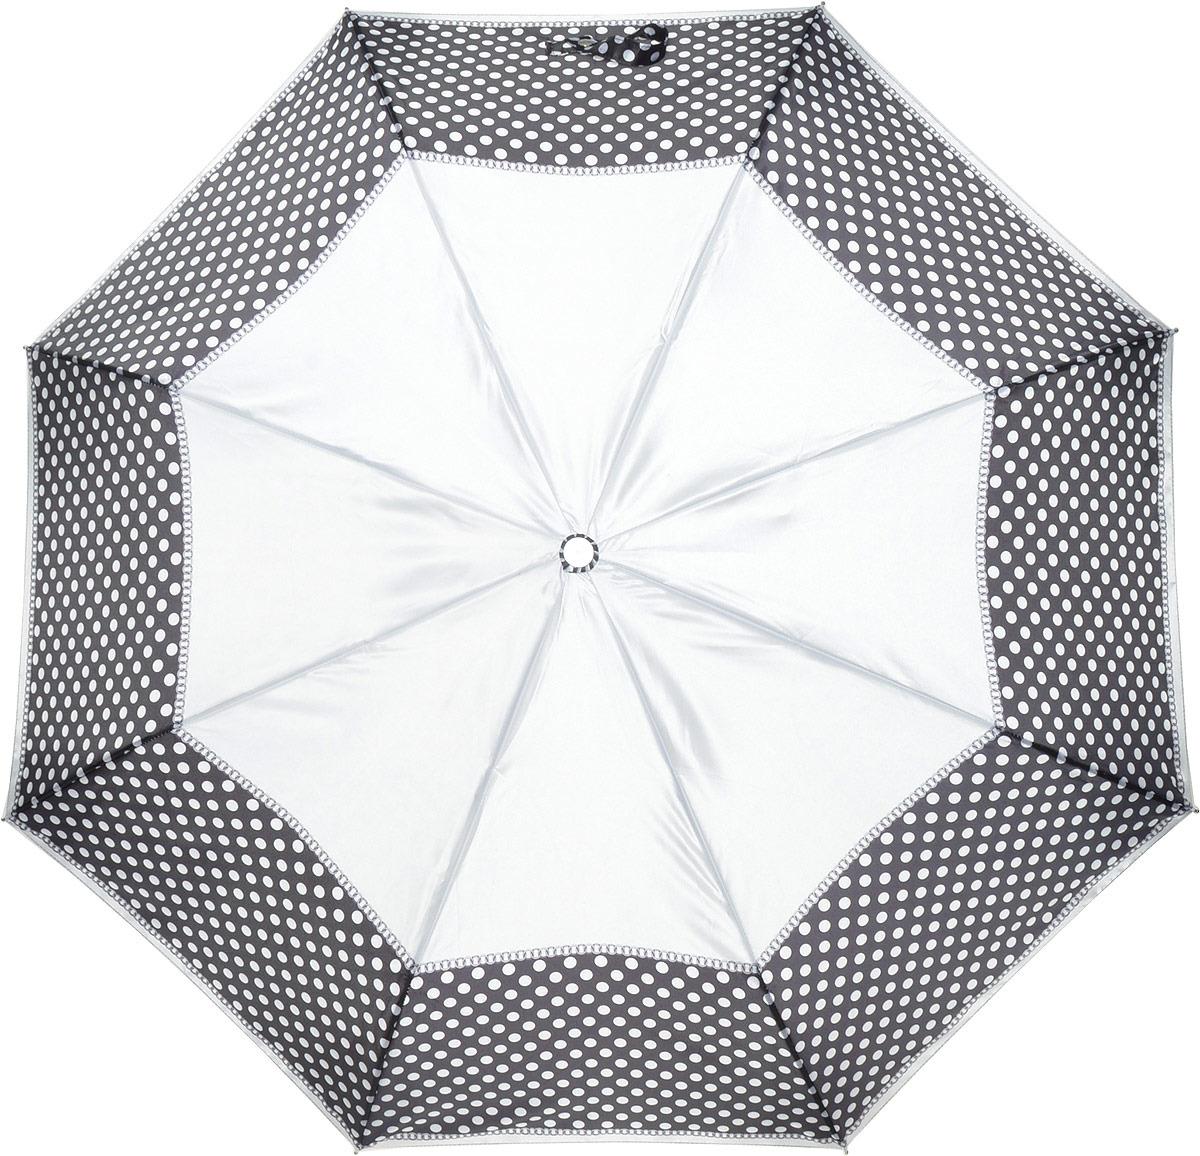 Зонт женский Fabretti, автомат, 3 сложения, цвет: серый. L-18117-1 цена и фото